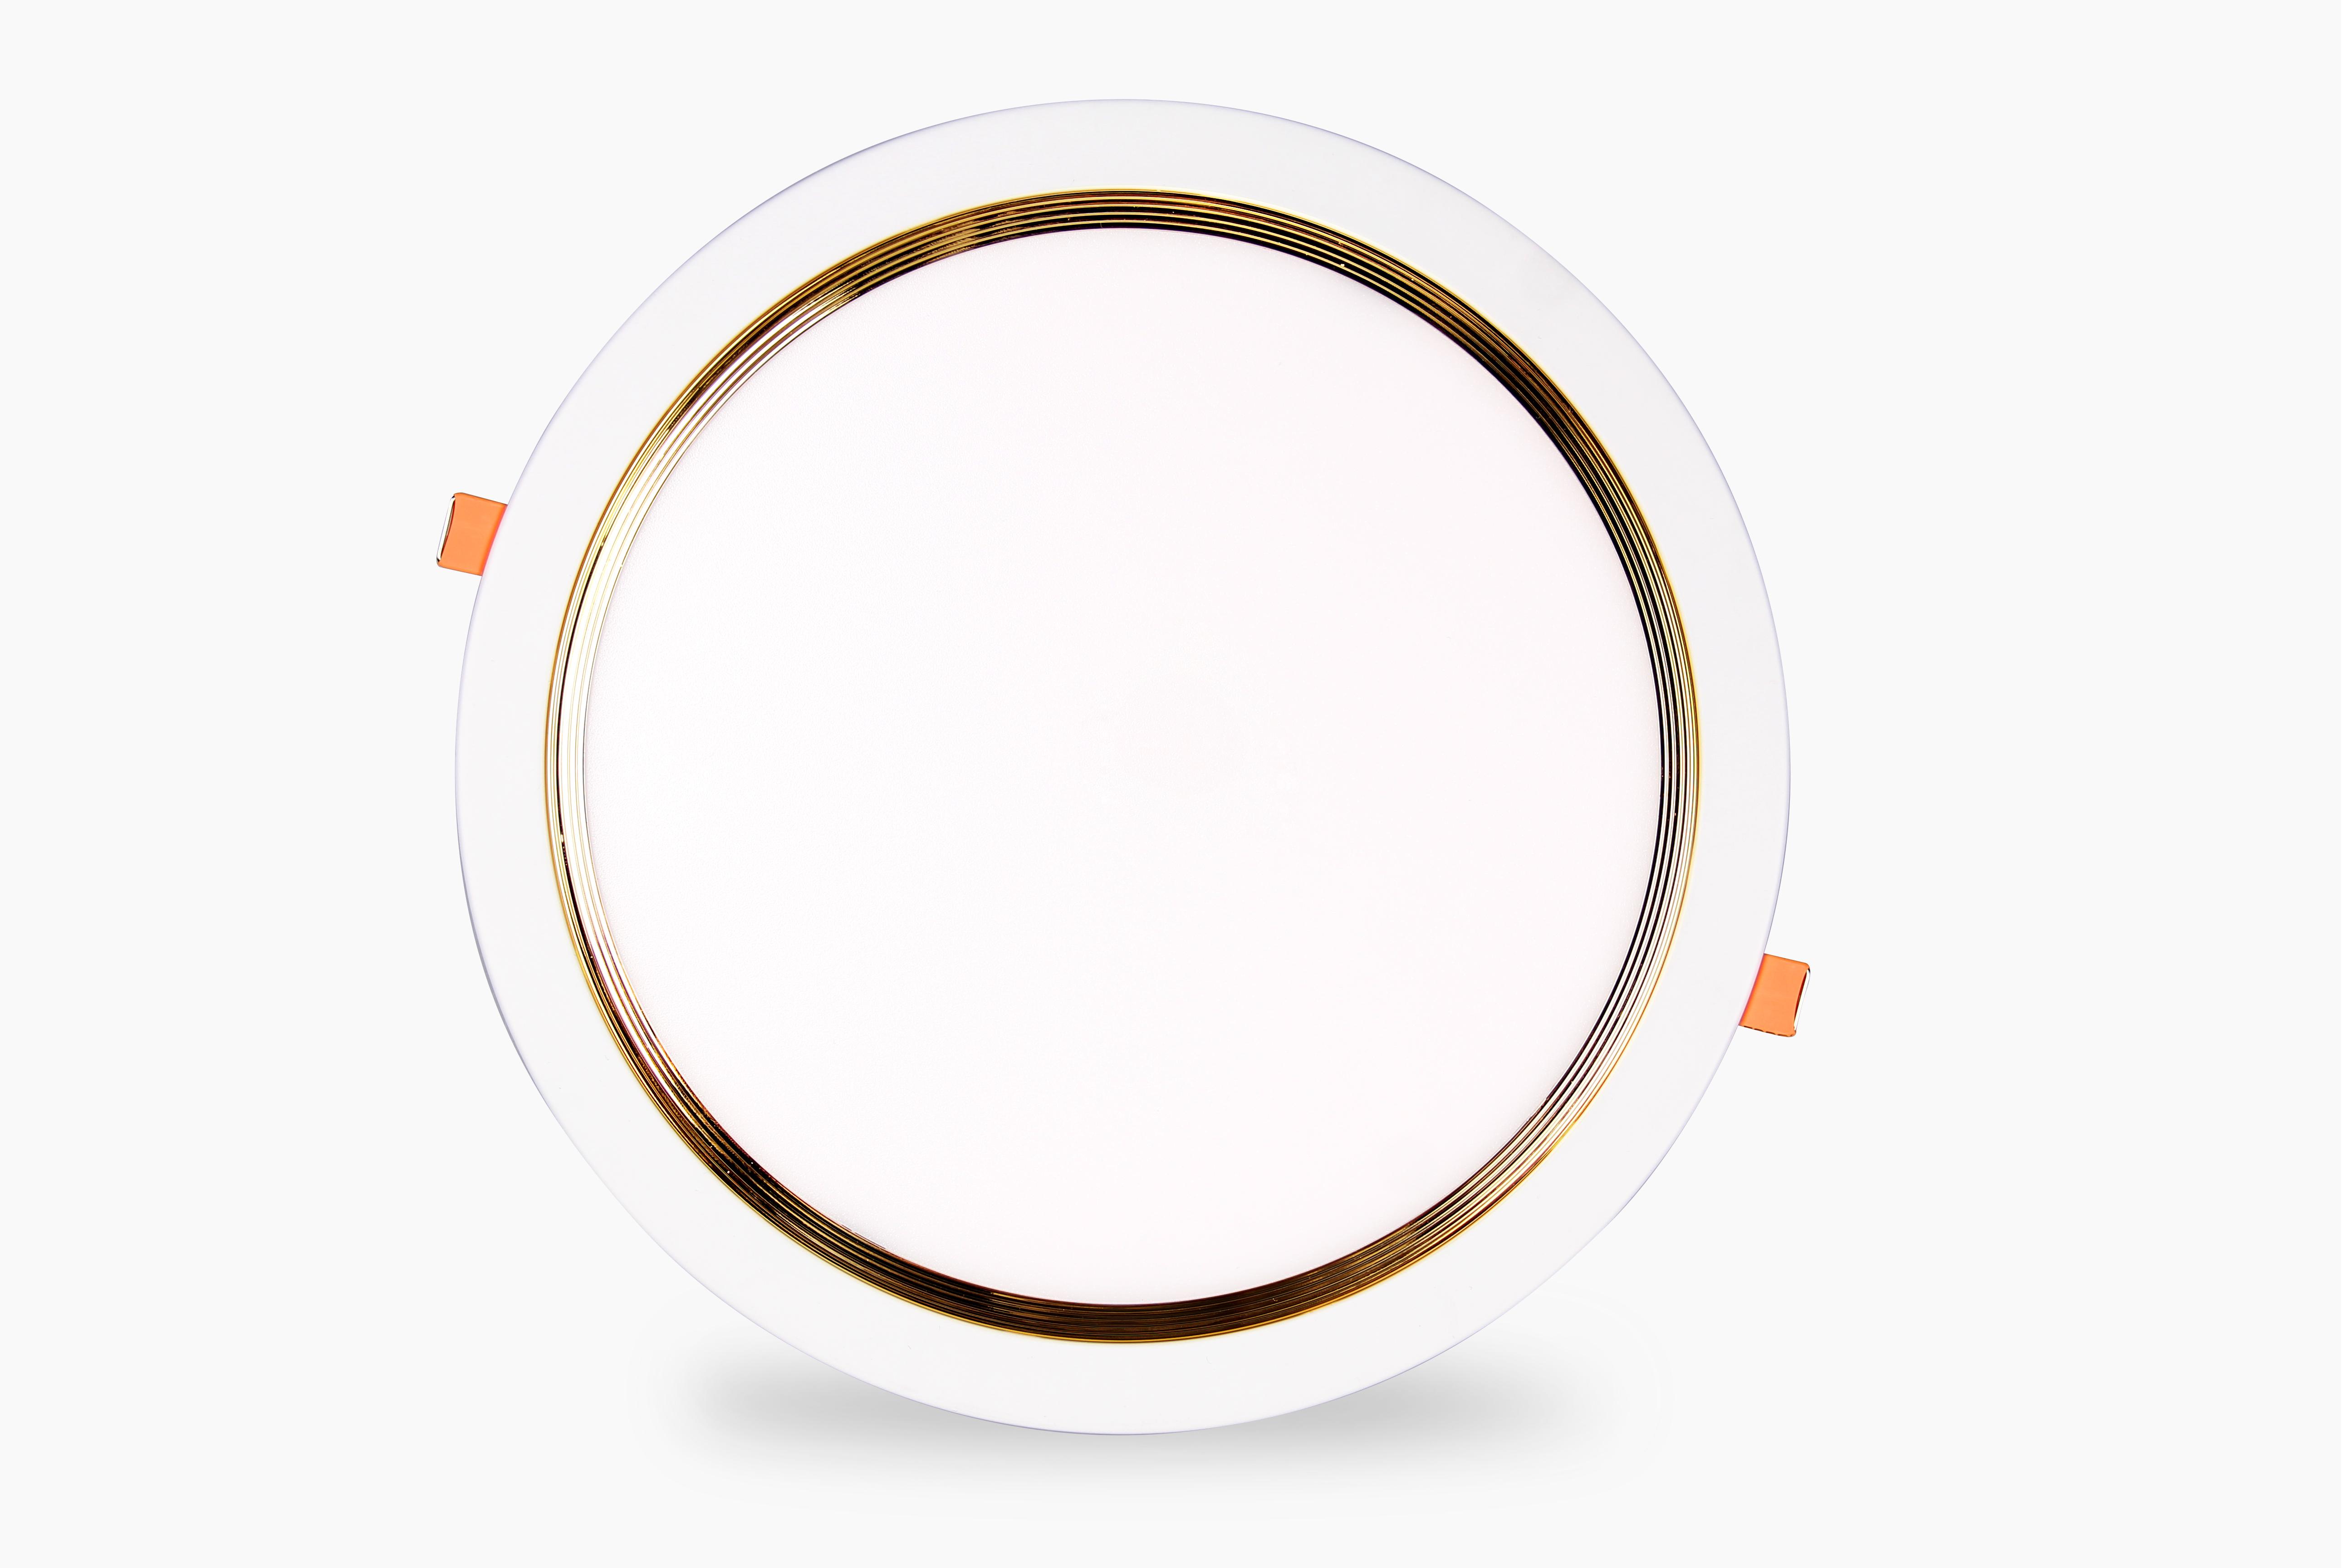 LED âm trần tròn siêu mỏng viền vàng